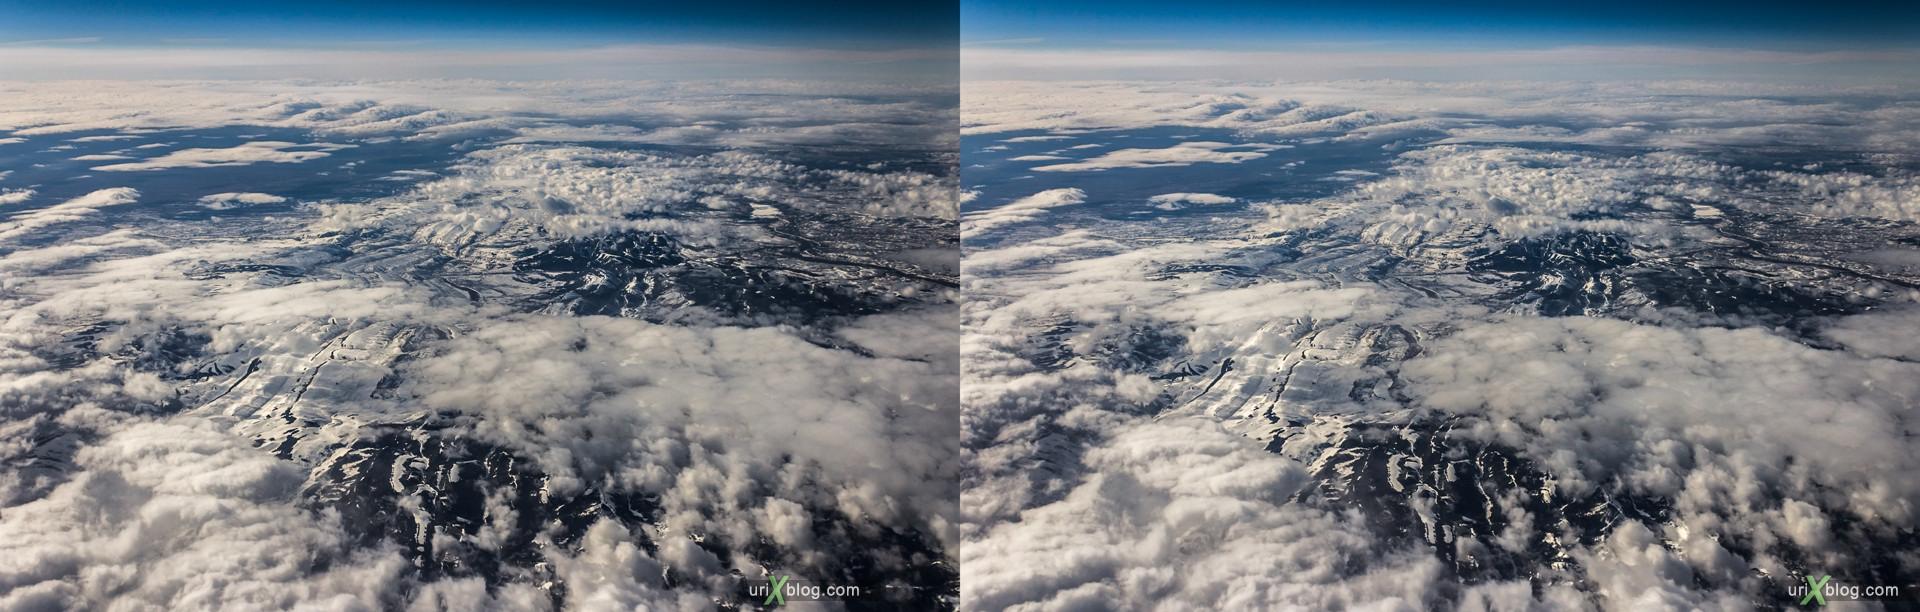 2013, штат Вайоминг, Скалистые горы, США, горы, облака, снег, панорама, самолёт, чёрно-белое, чб, 3D, перекрёстные стереопары, стерео, стереопара, стереопары